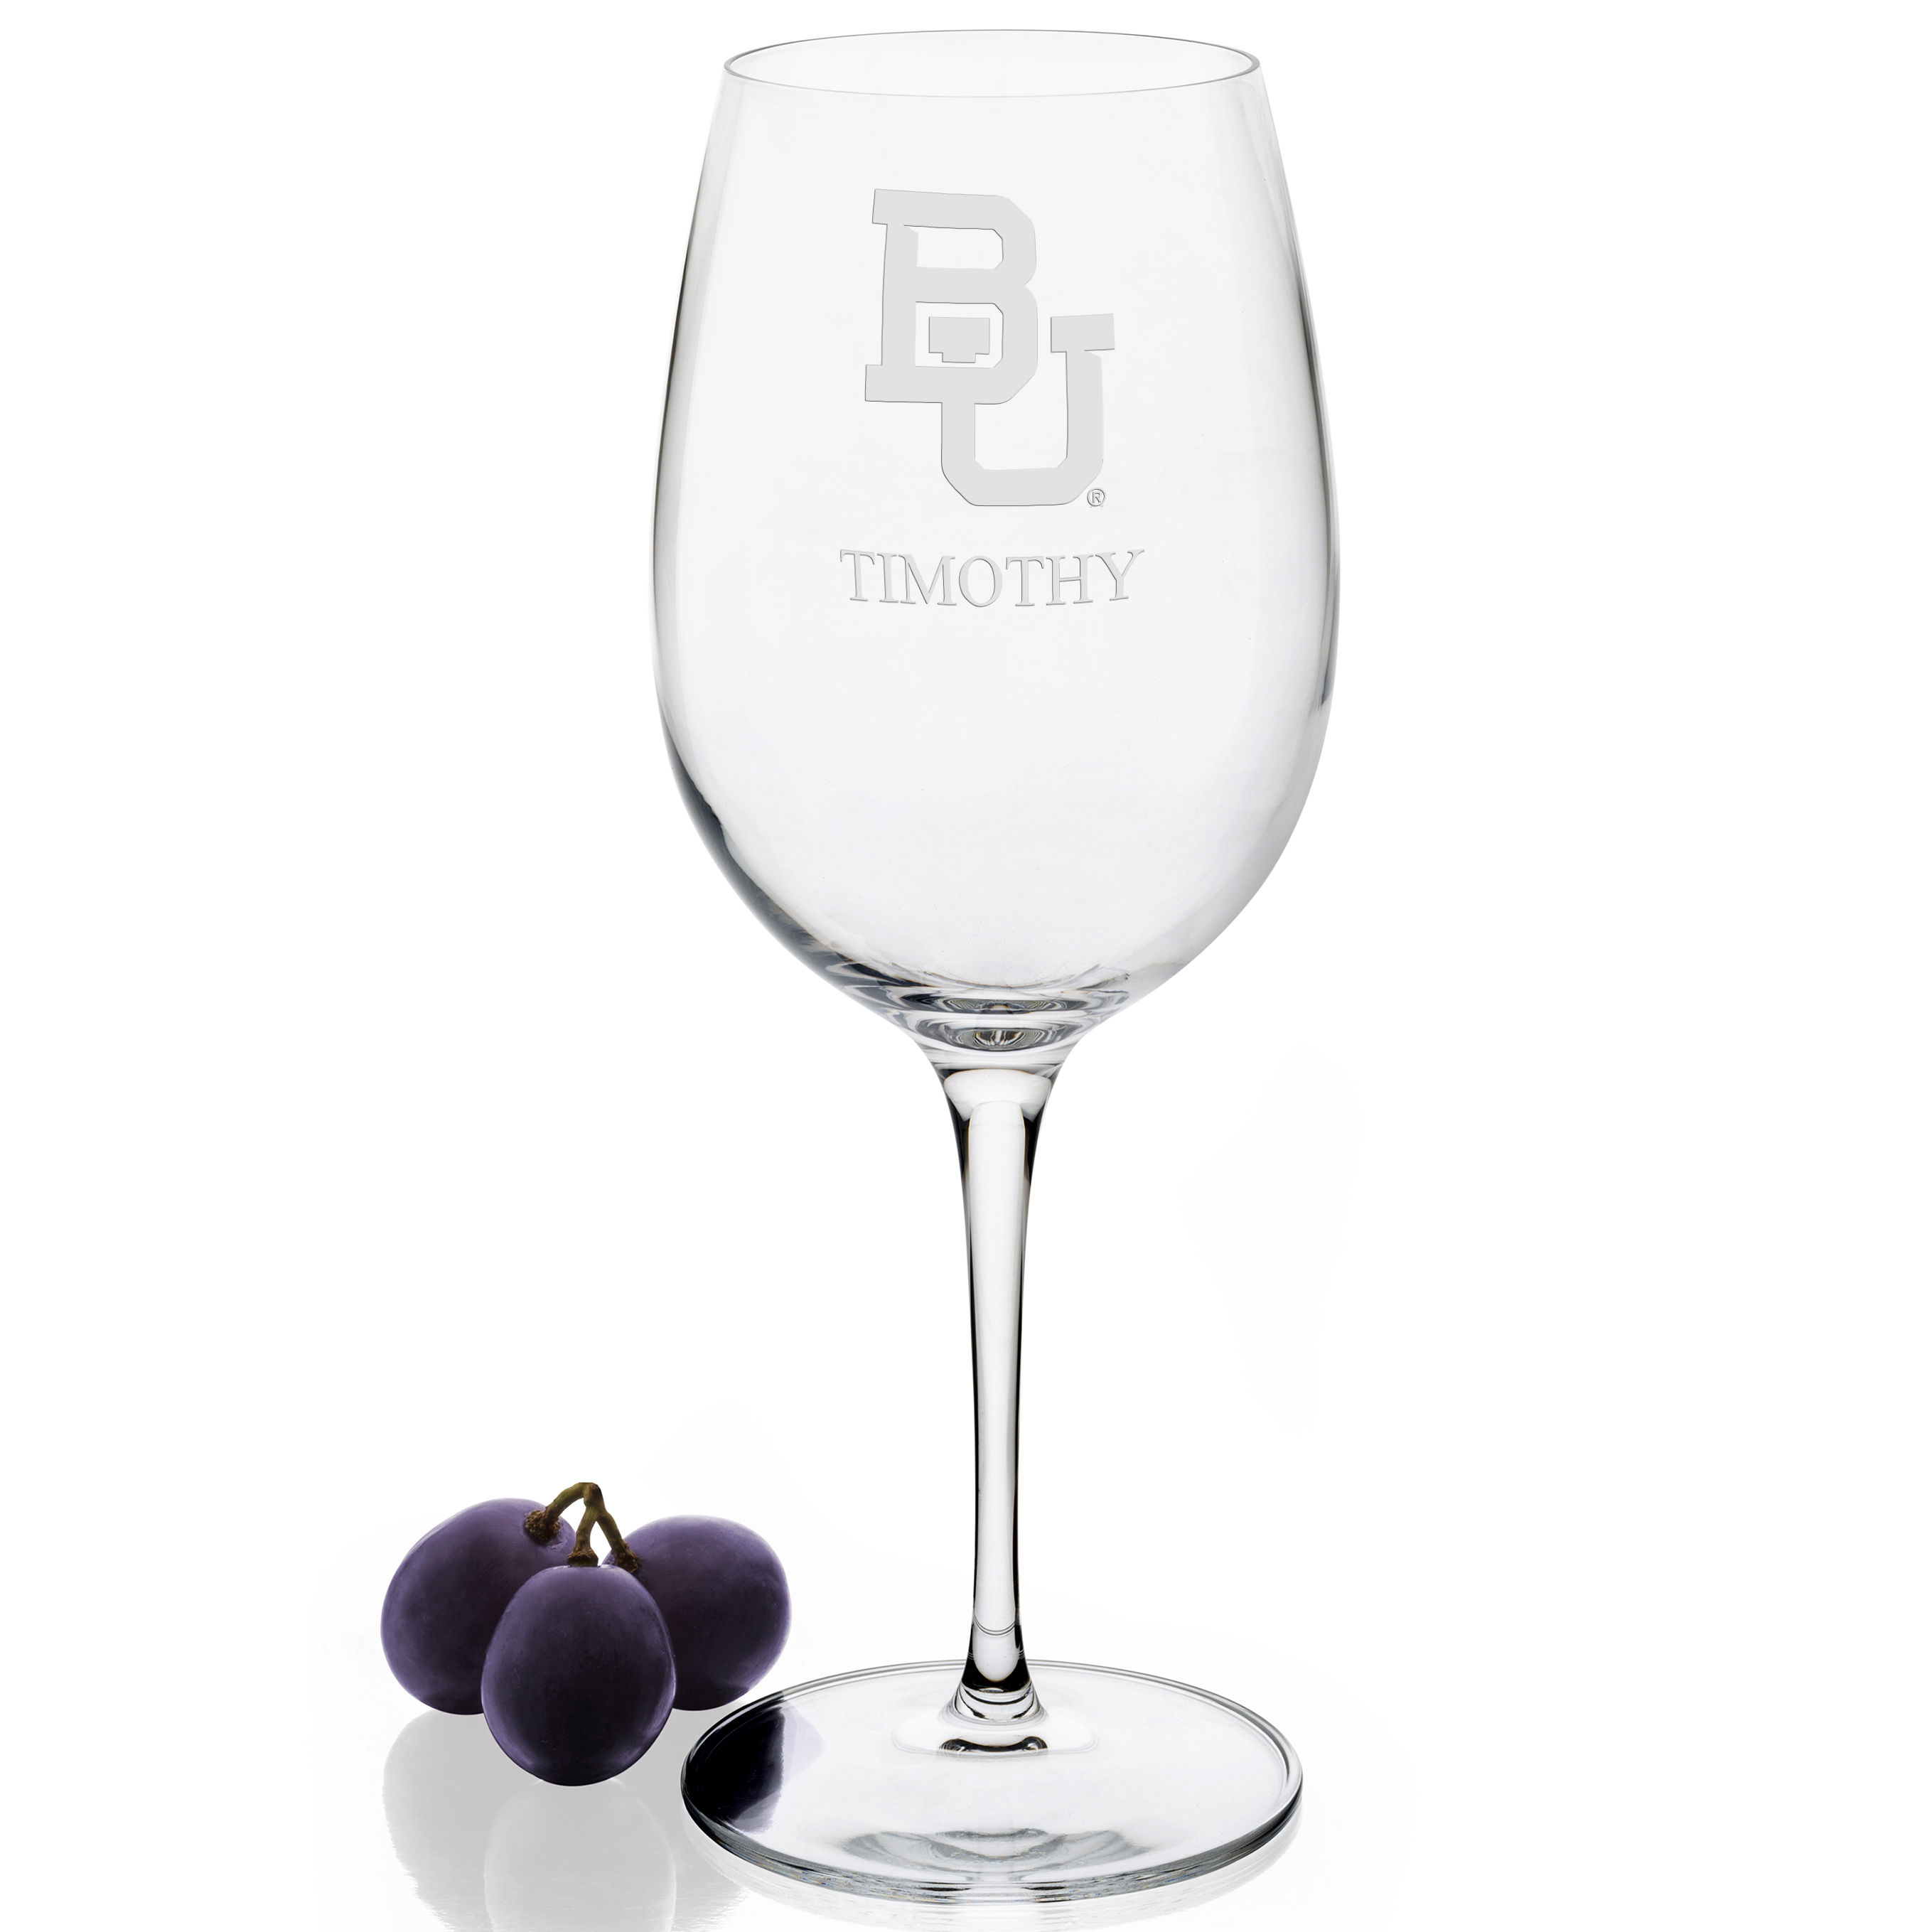 Baylor Stemmed Glasses - Set of 2